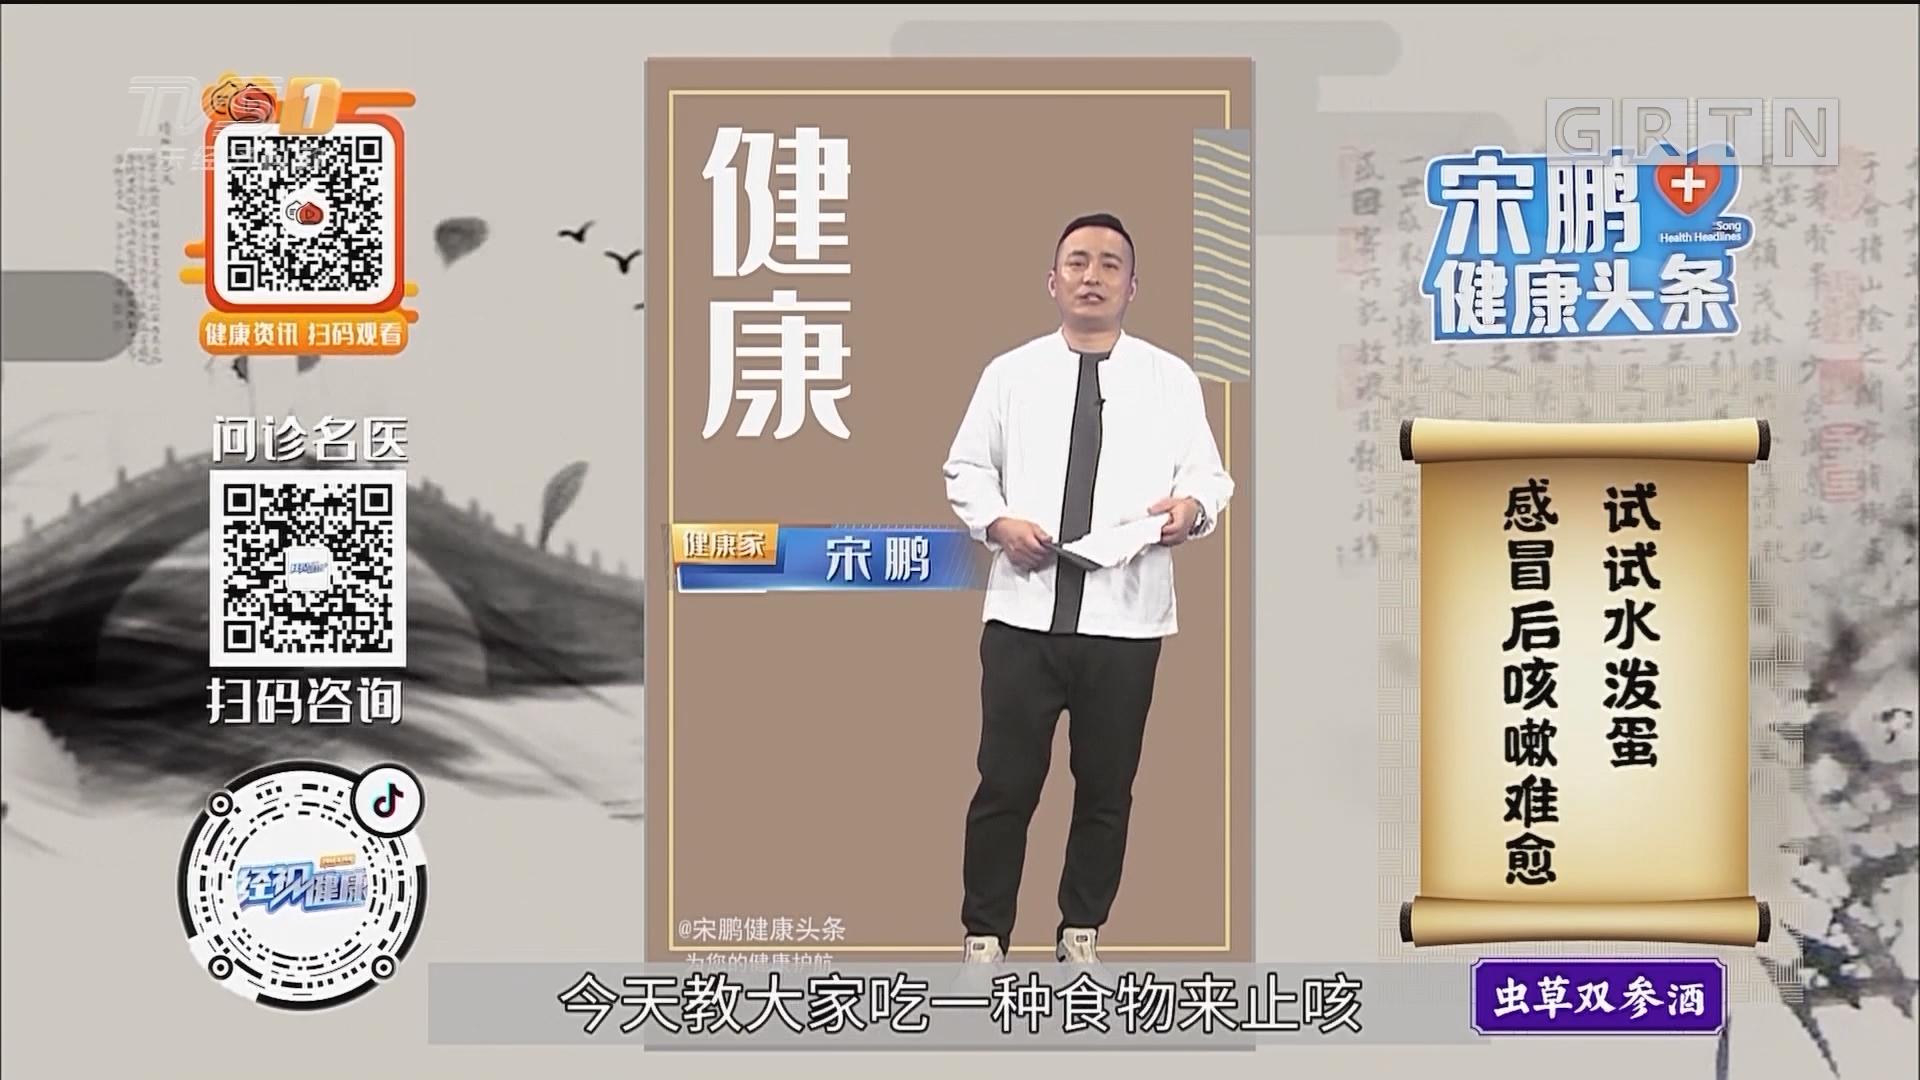 [HD][2019-09-02]经视健康+:宋鹏健康头条:感冒后咳嗽难愈 试试水泼蛋